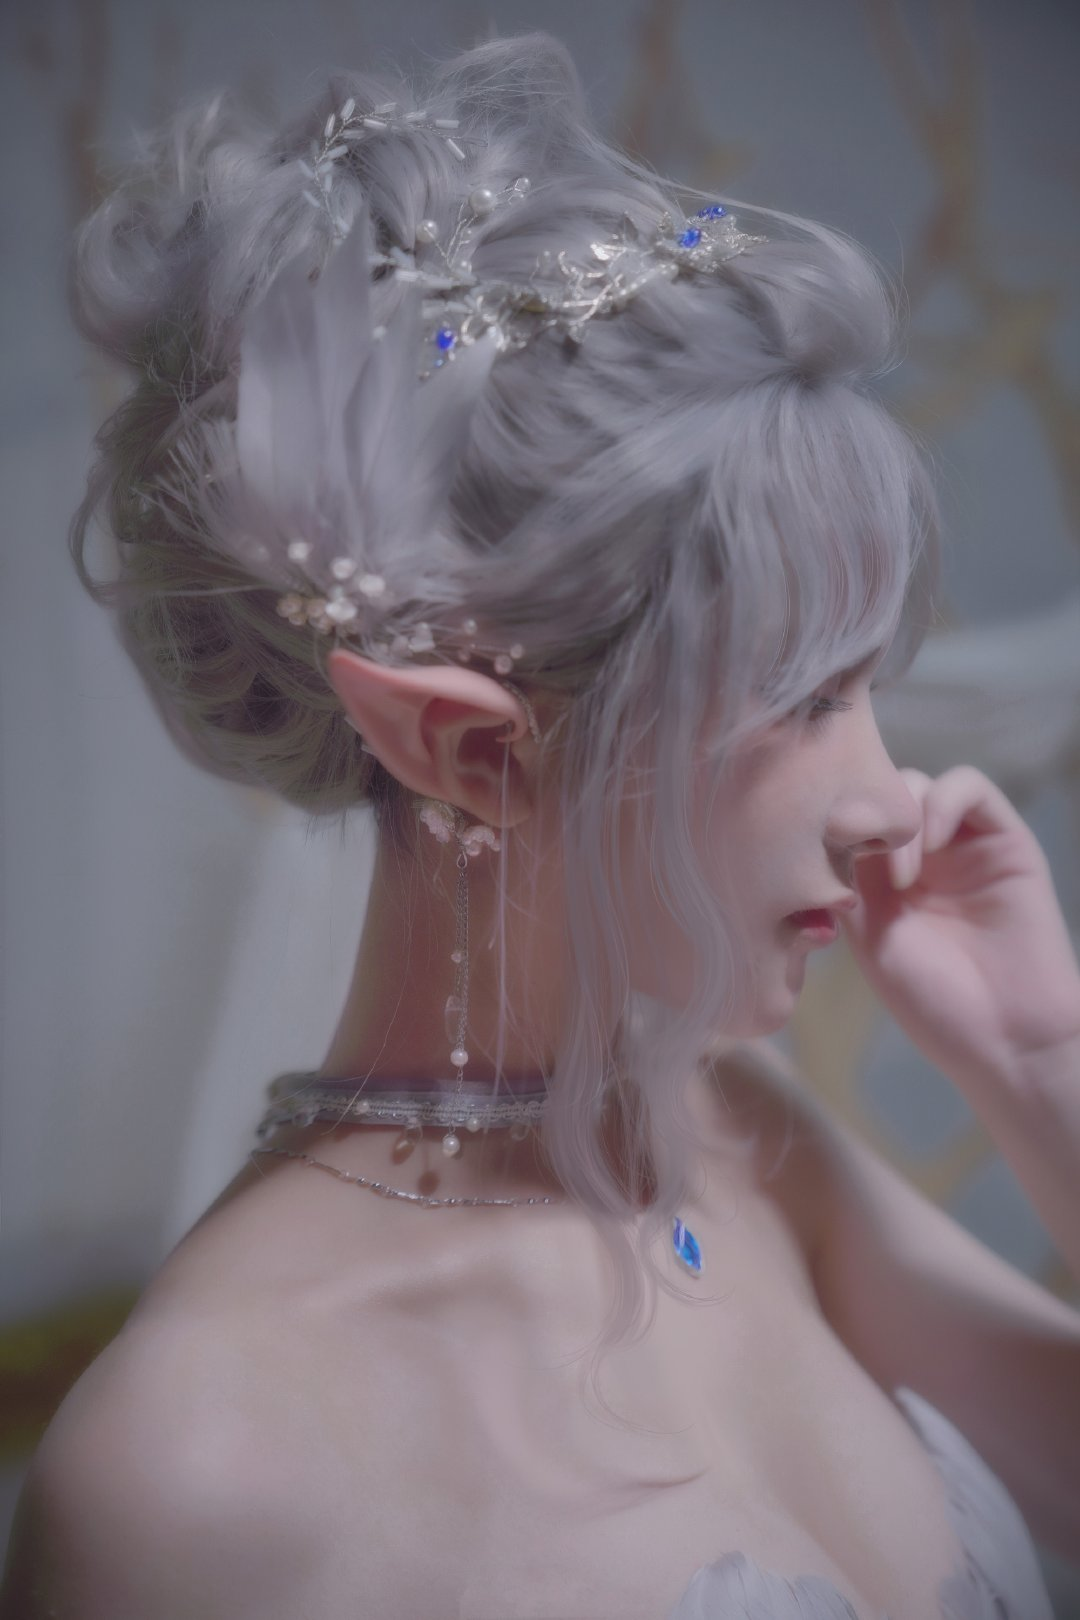 5eea43f423203 - 《鬼刀》海琴烟(冰公主) COS:在下萝莉控ii